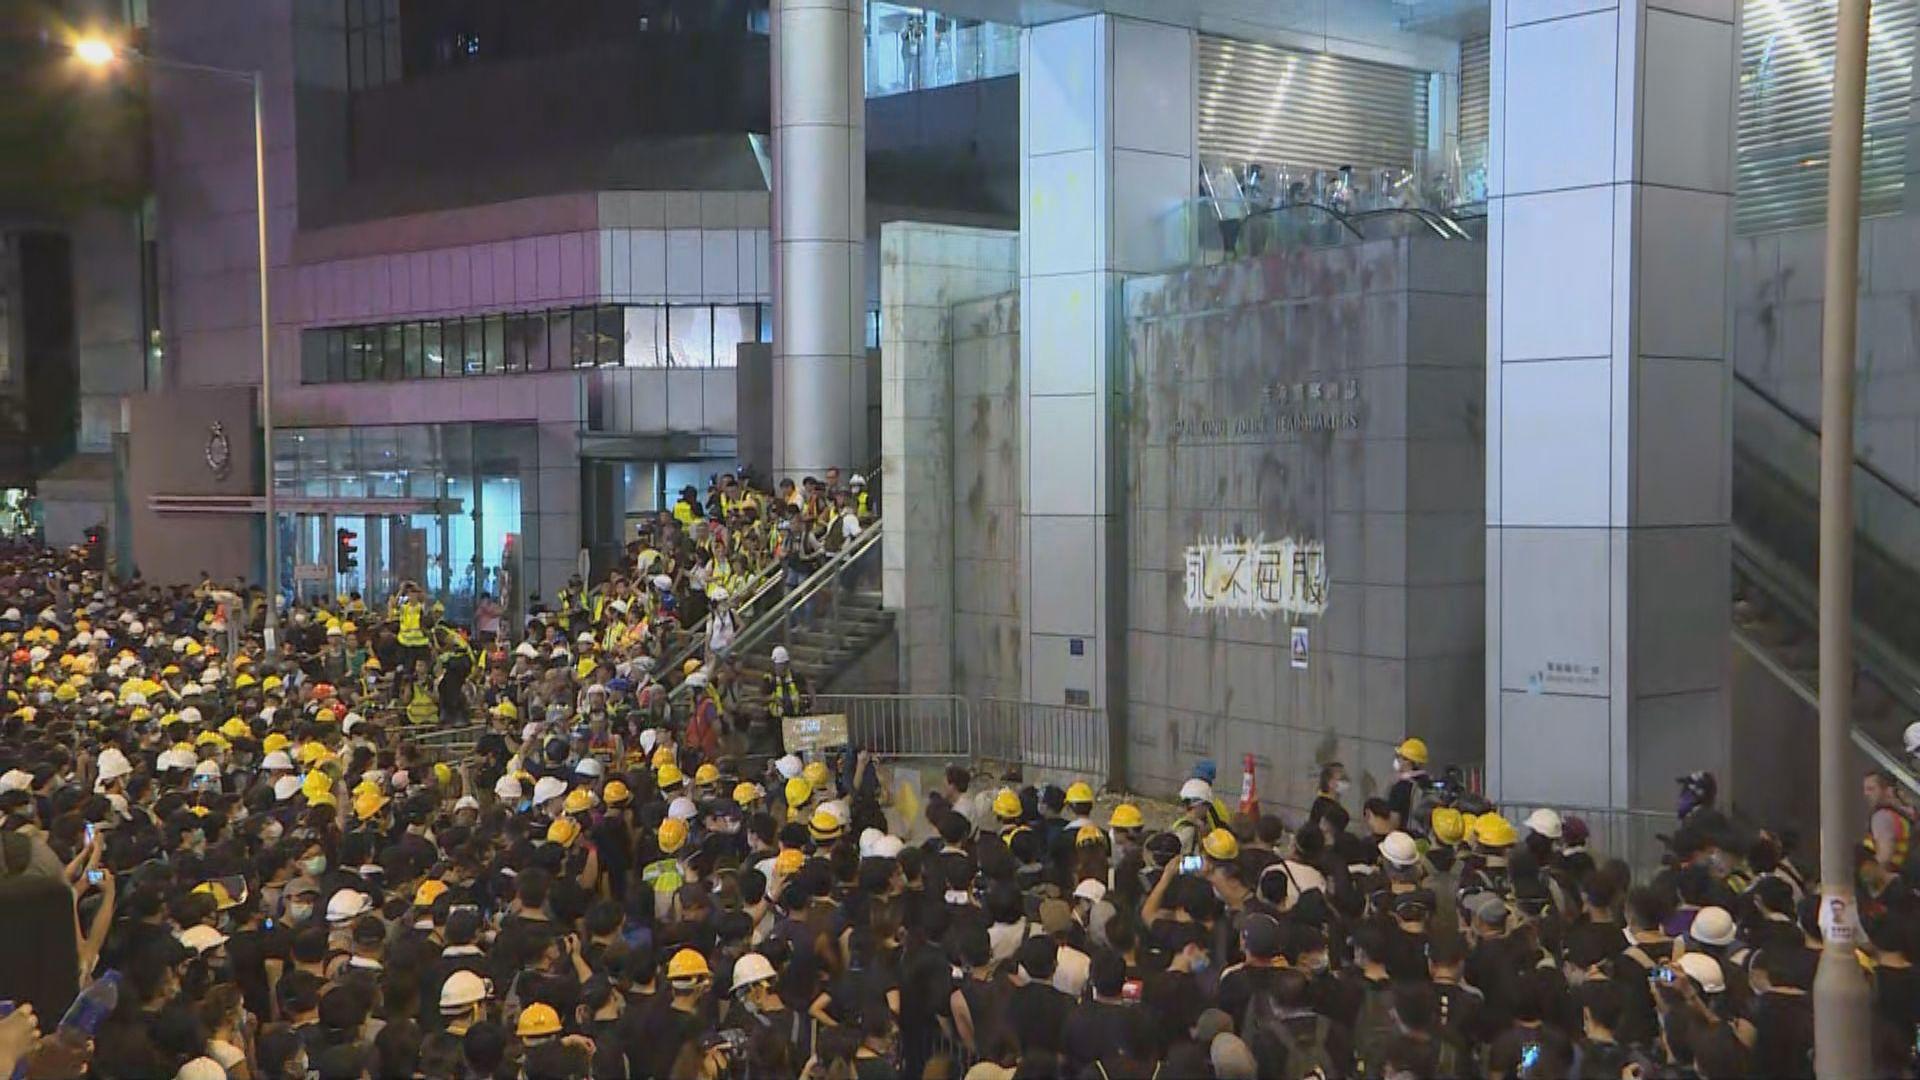 警方嚴厲譴責示威者包圍警察總部